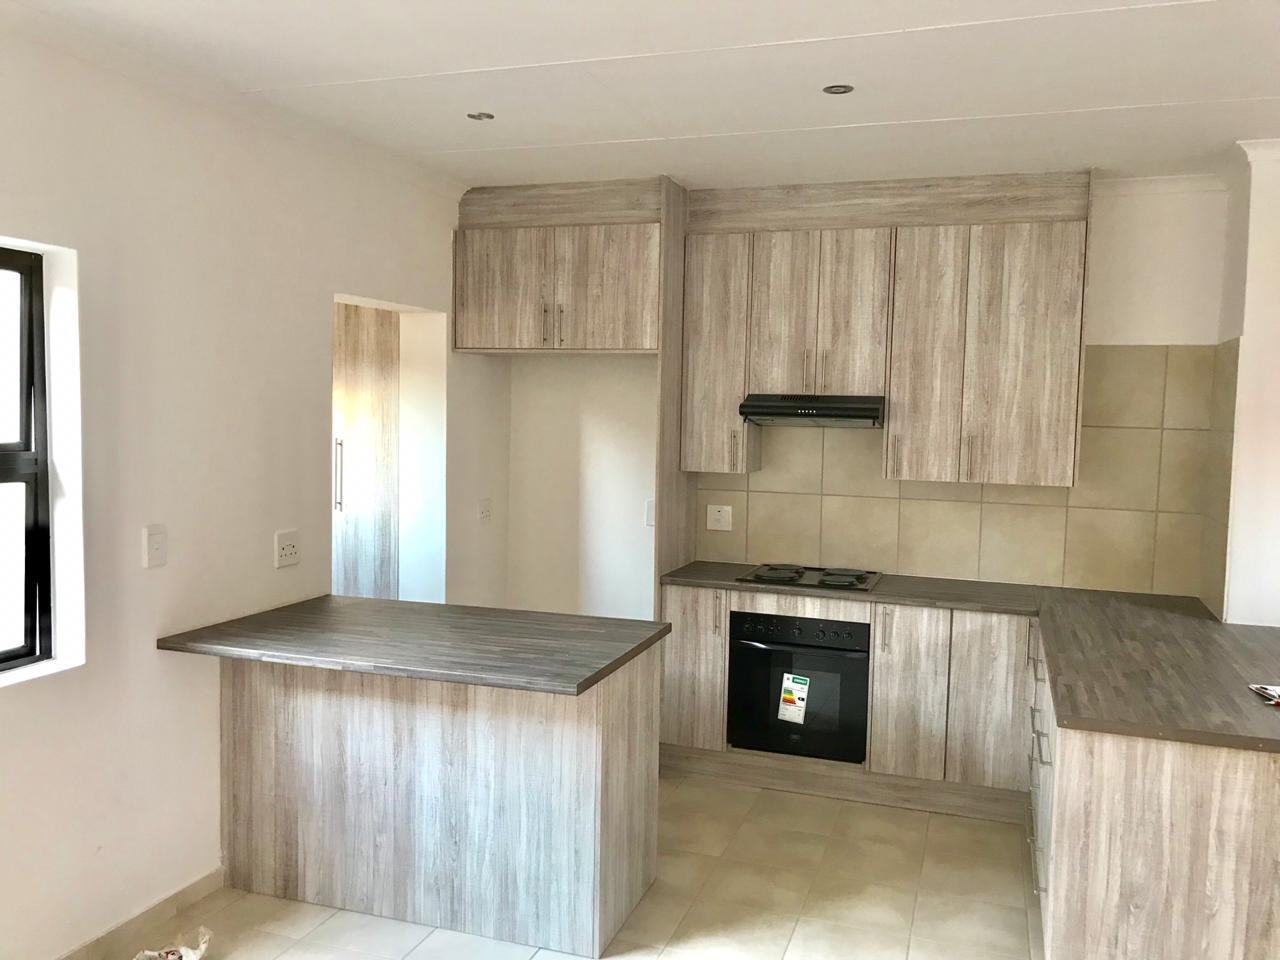 3 Bedroom House For Sale in Pomona